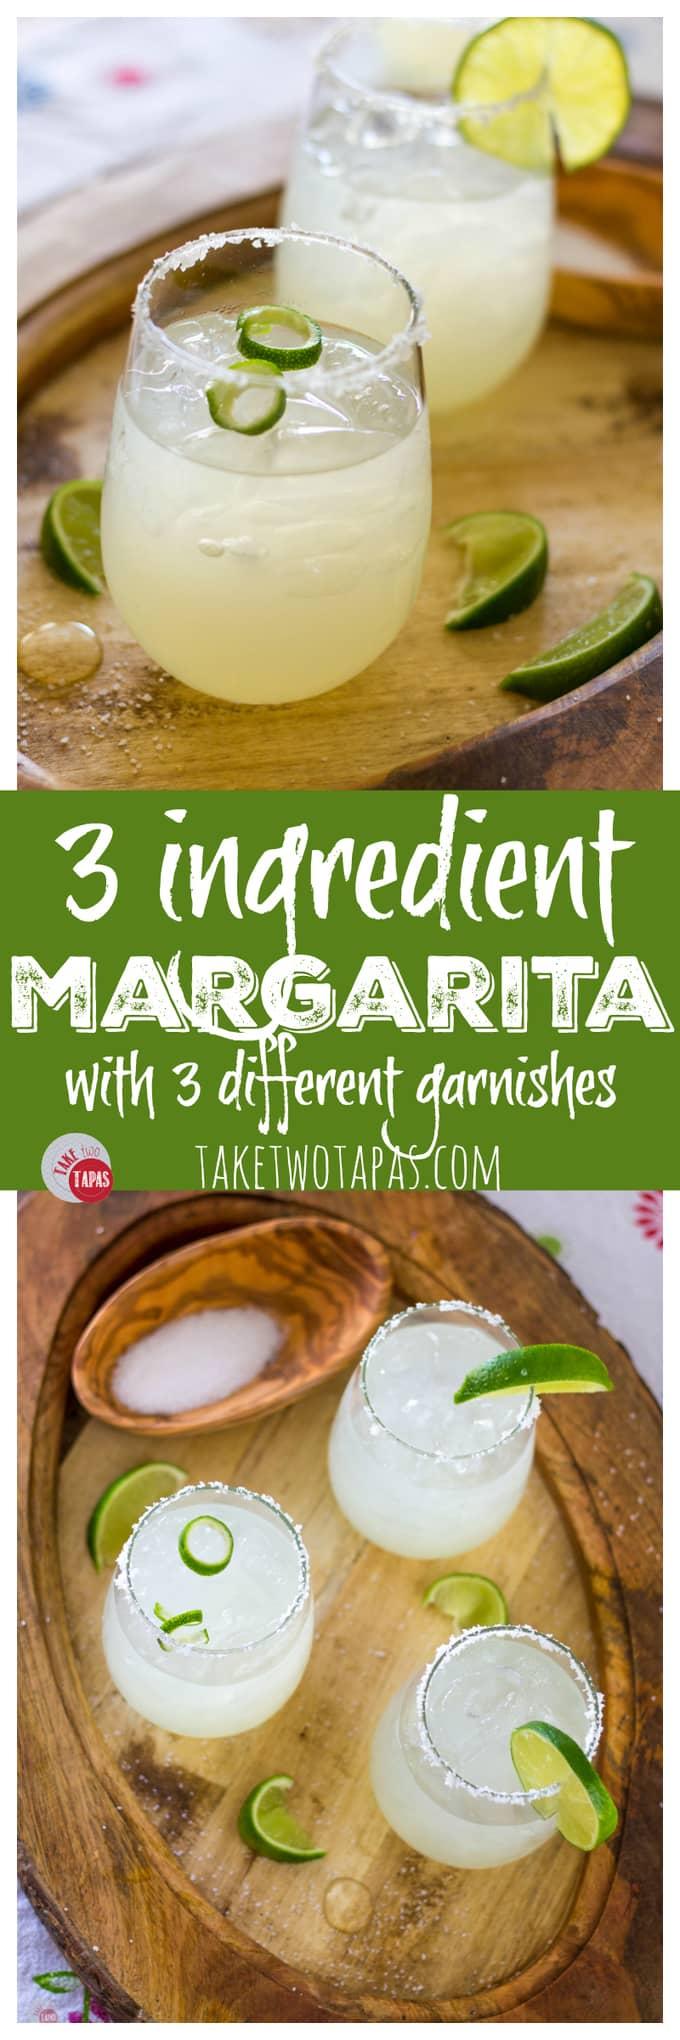 Summer Margarita made with 3 ingredients | Take Two Tapas | #margarita #cocktail #spring #CincoDeMayo #3ingredients